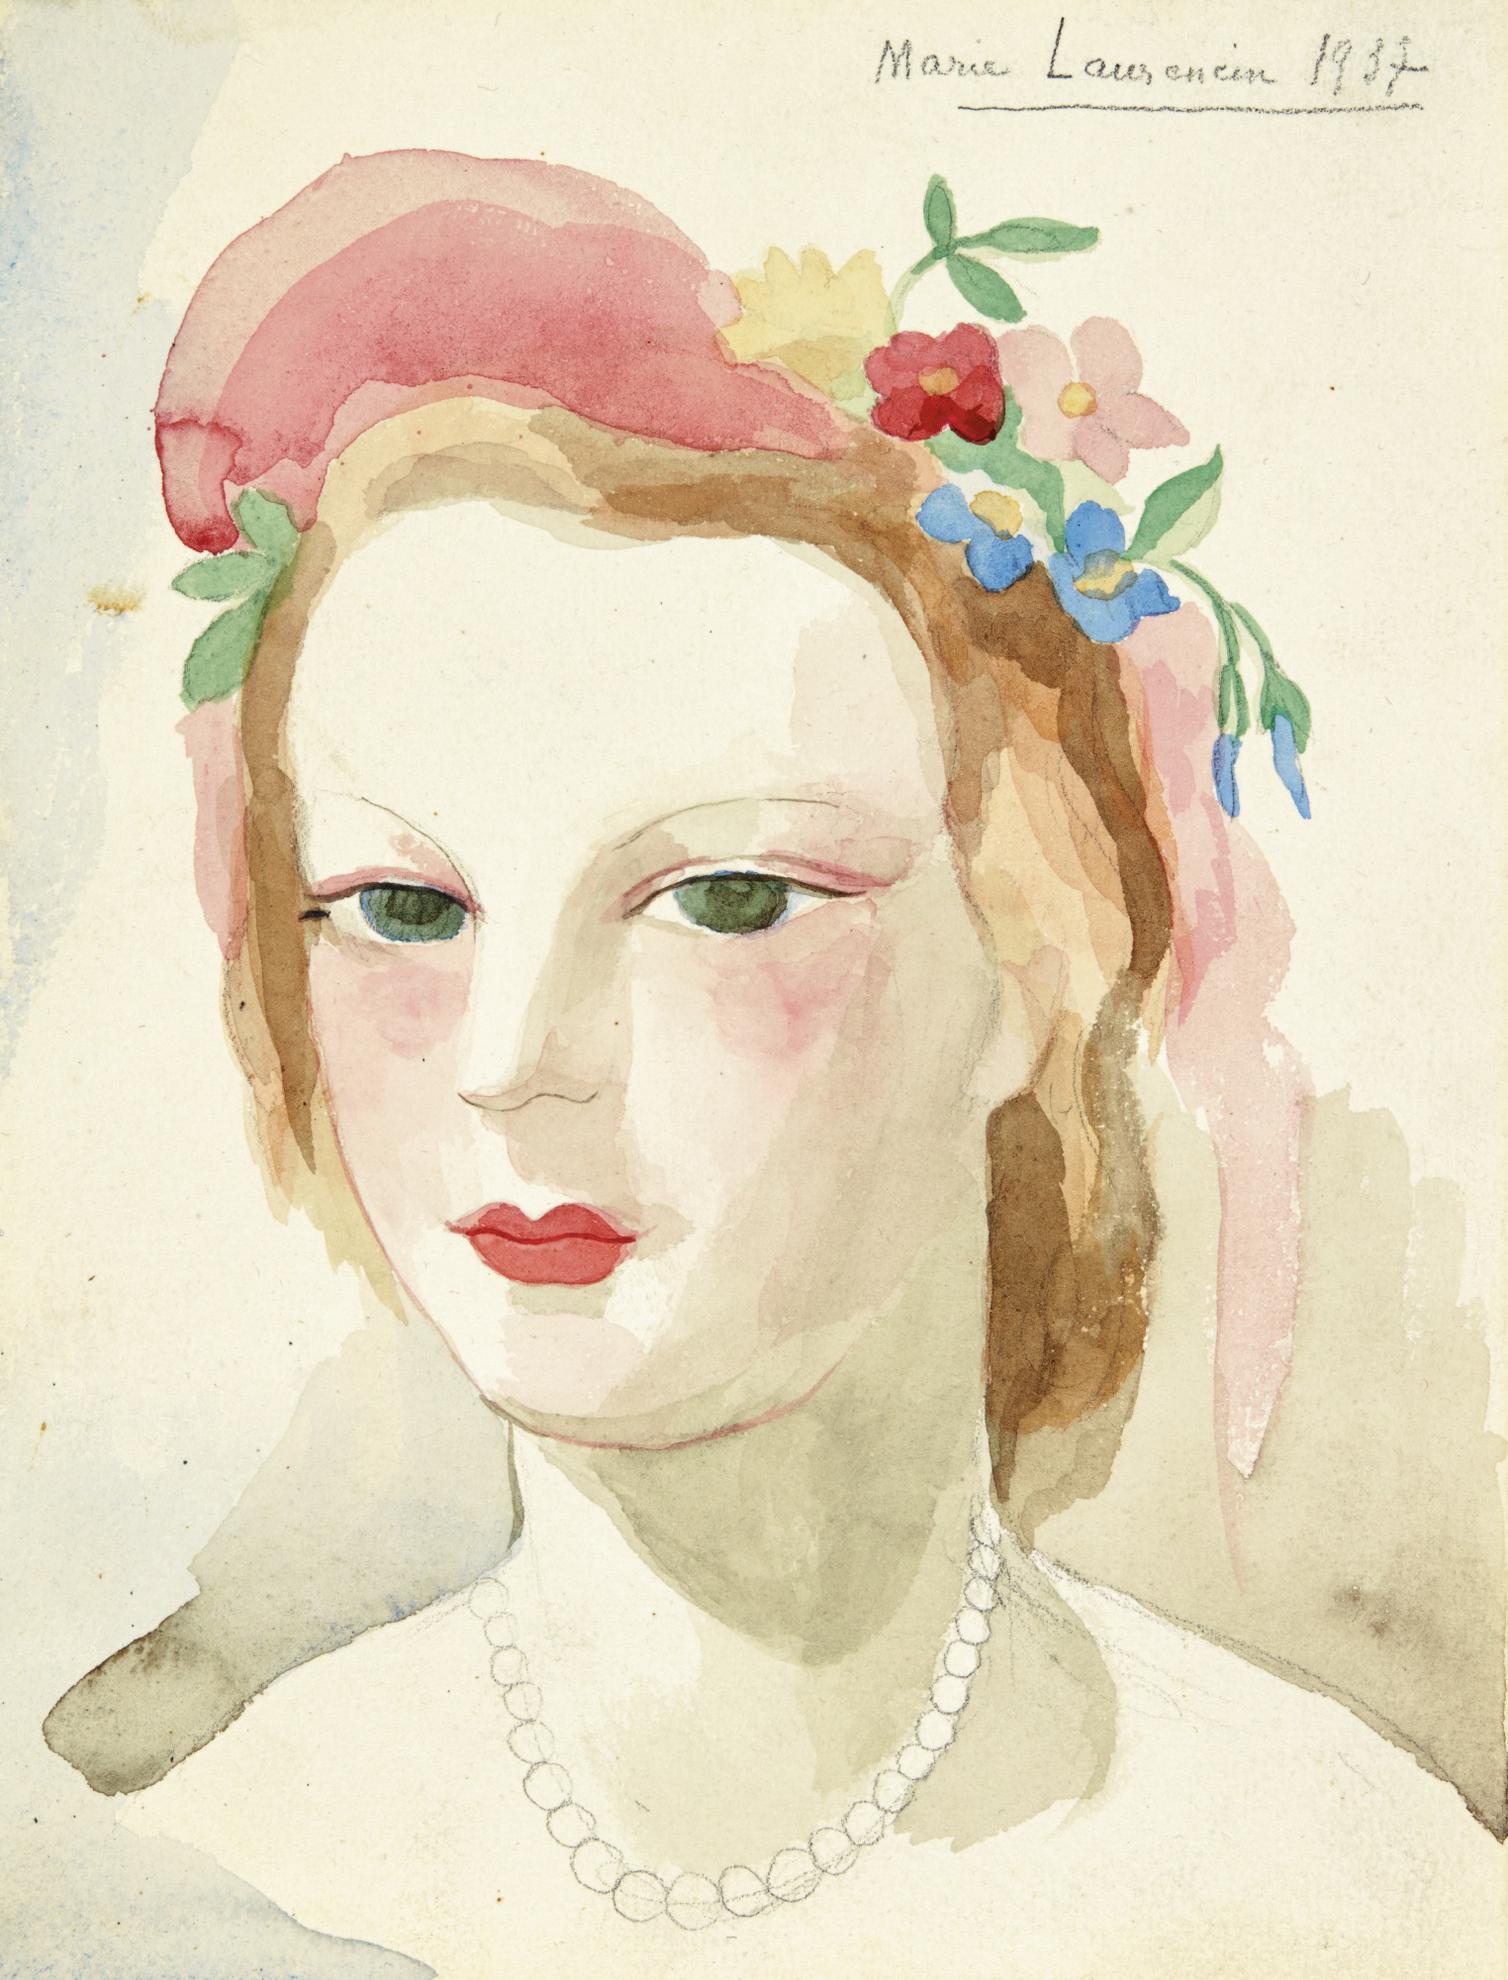 Marie Laurencin-Visage Et Fleurs Dans Les Cheveux-1937